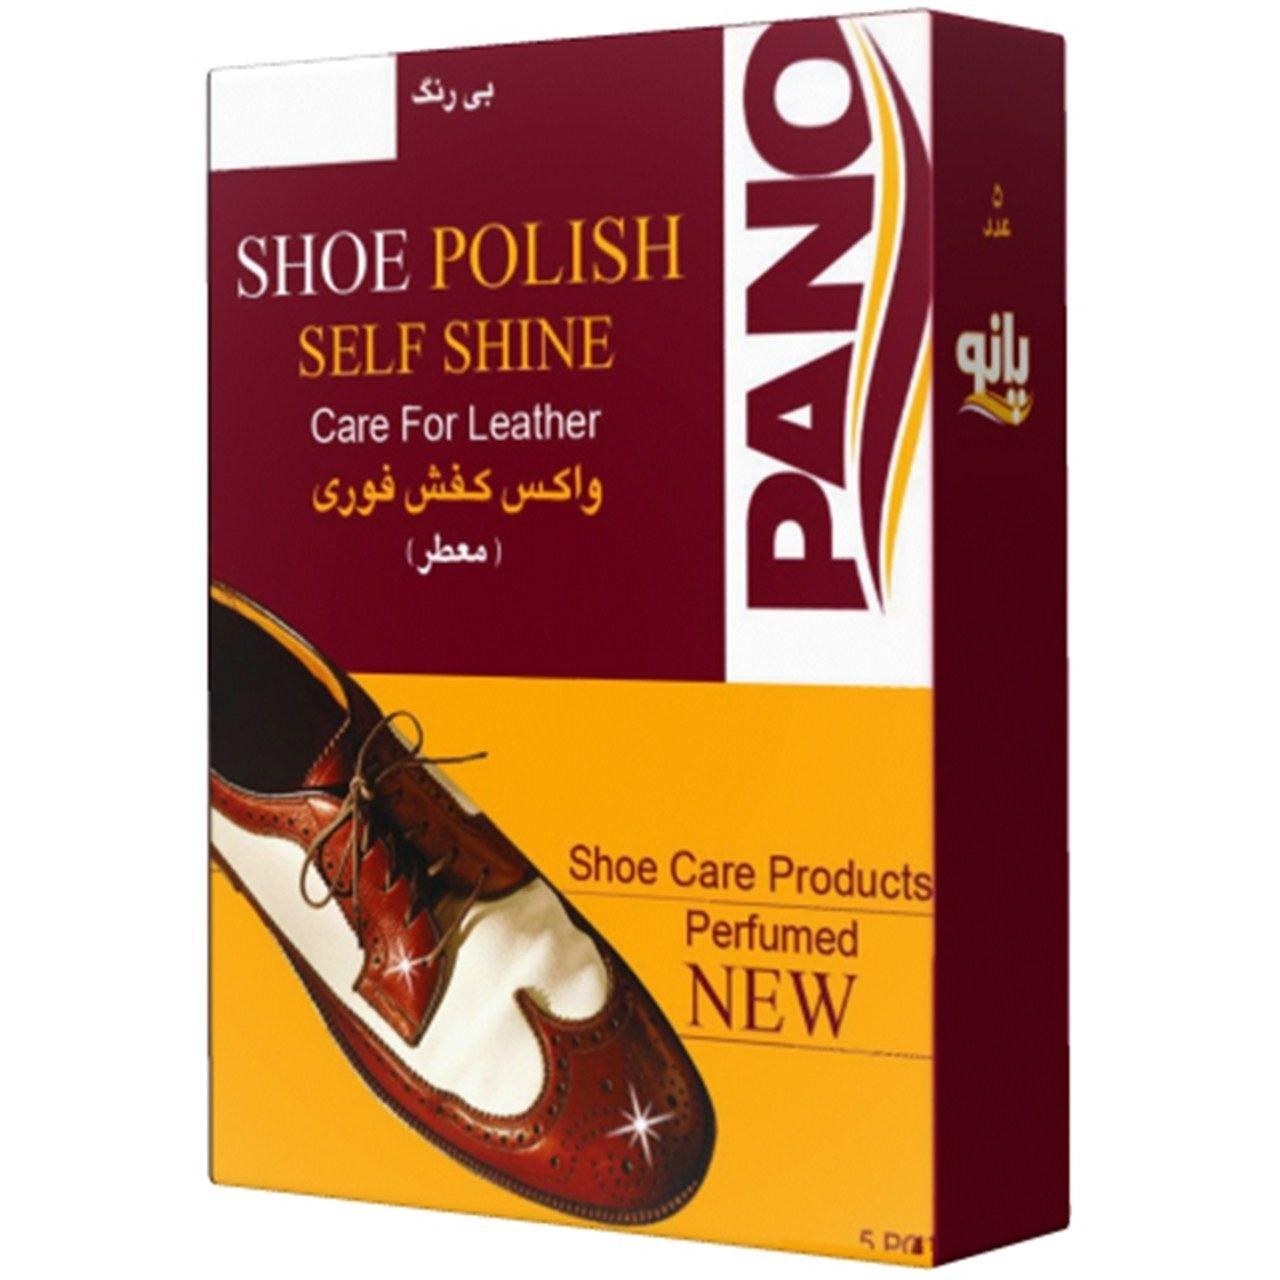 تصویر واکس فوری کیف و کفش چرمی پانو بسته 5 عددی